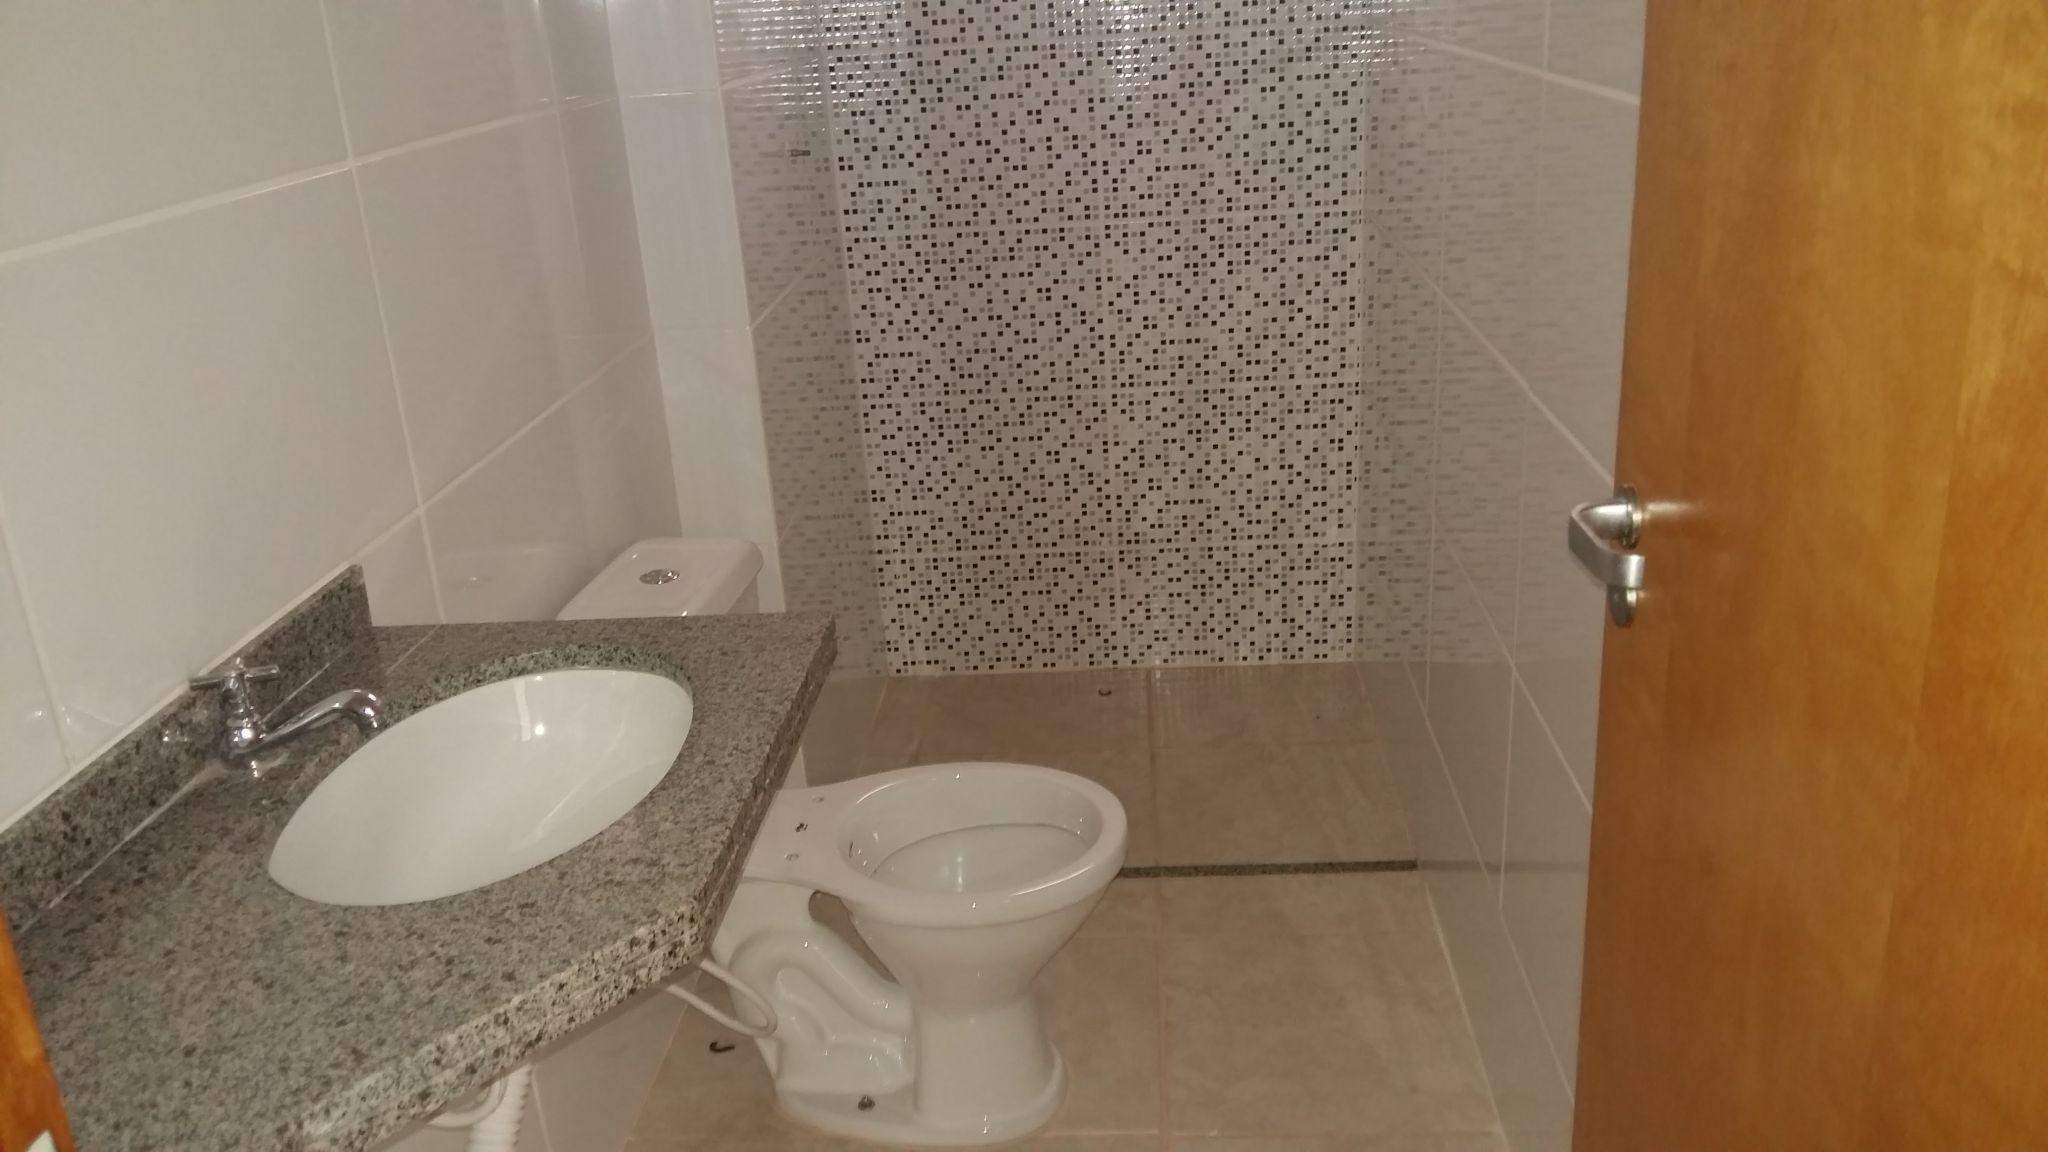 220 - Jardim Zara 60m²  2 dormitórios